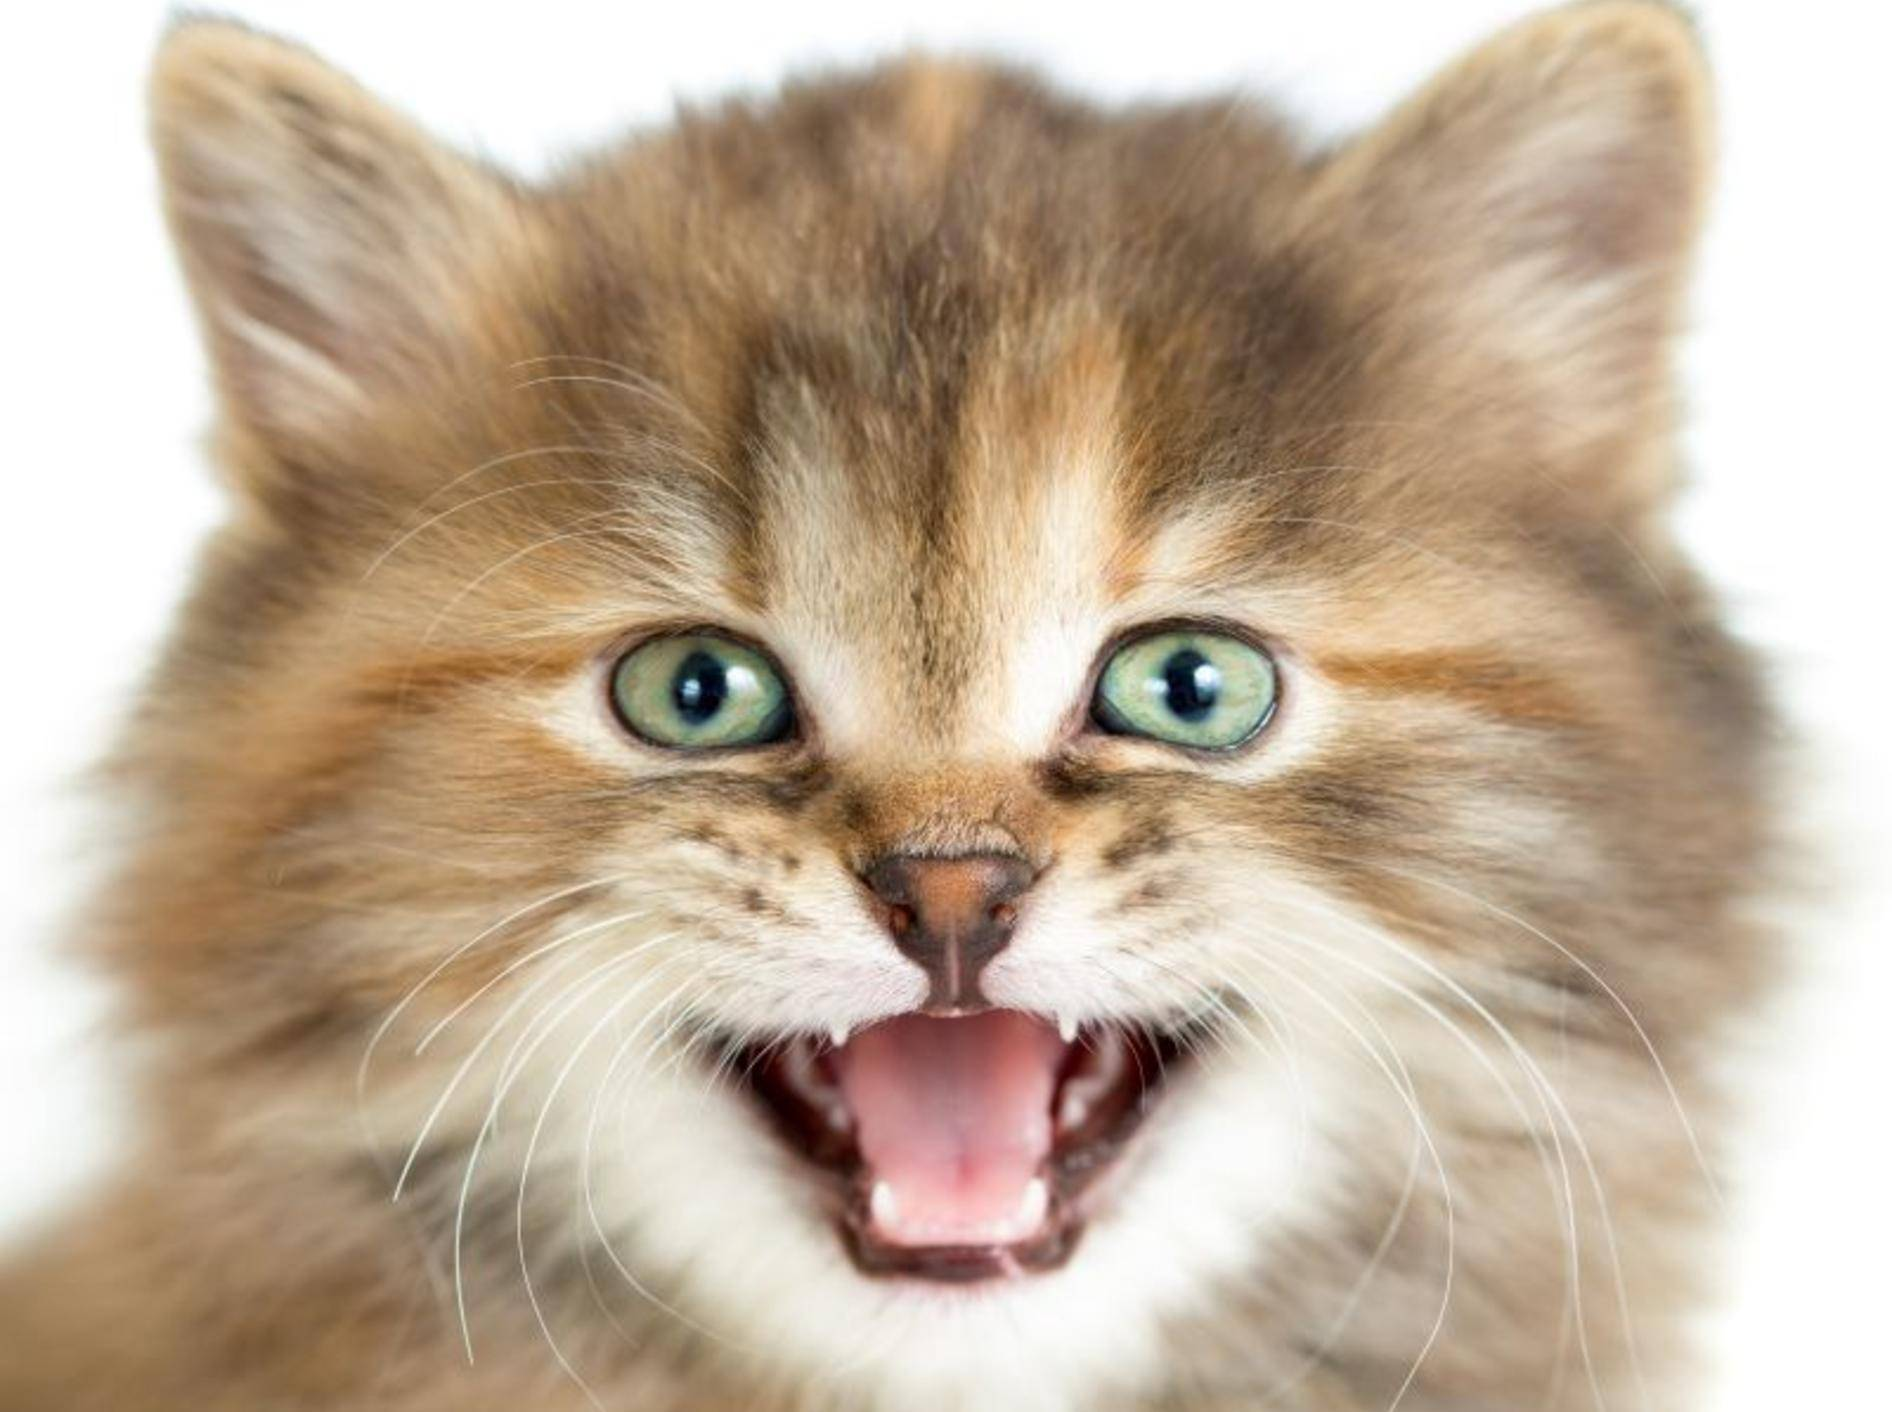 Das Miauen von Katzen kann verschiedene Bedeutungen haben – Bild: Shutterstock / Andrey Kuzmin